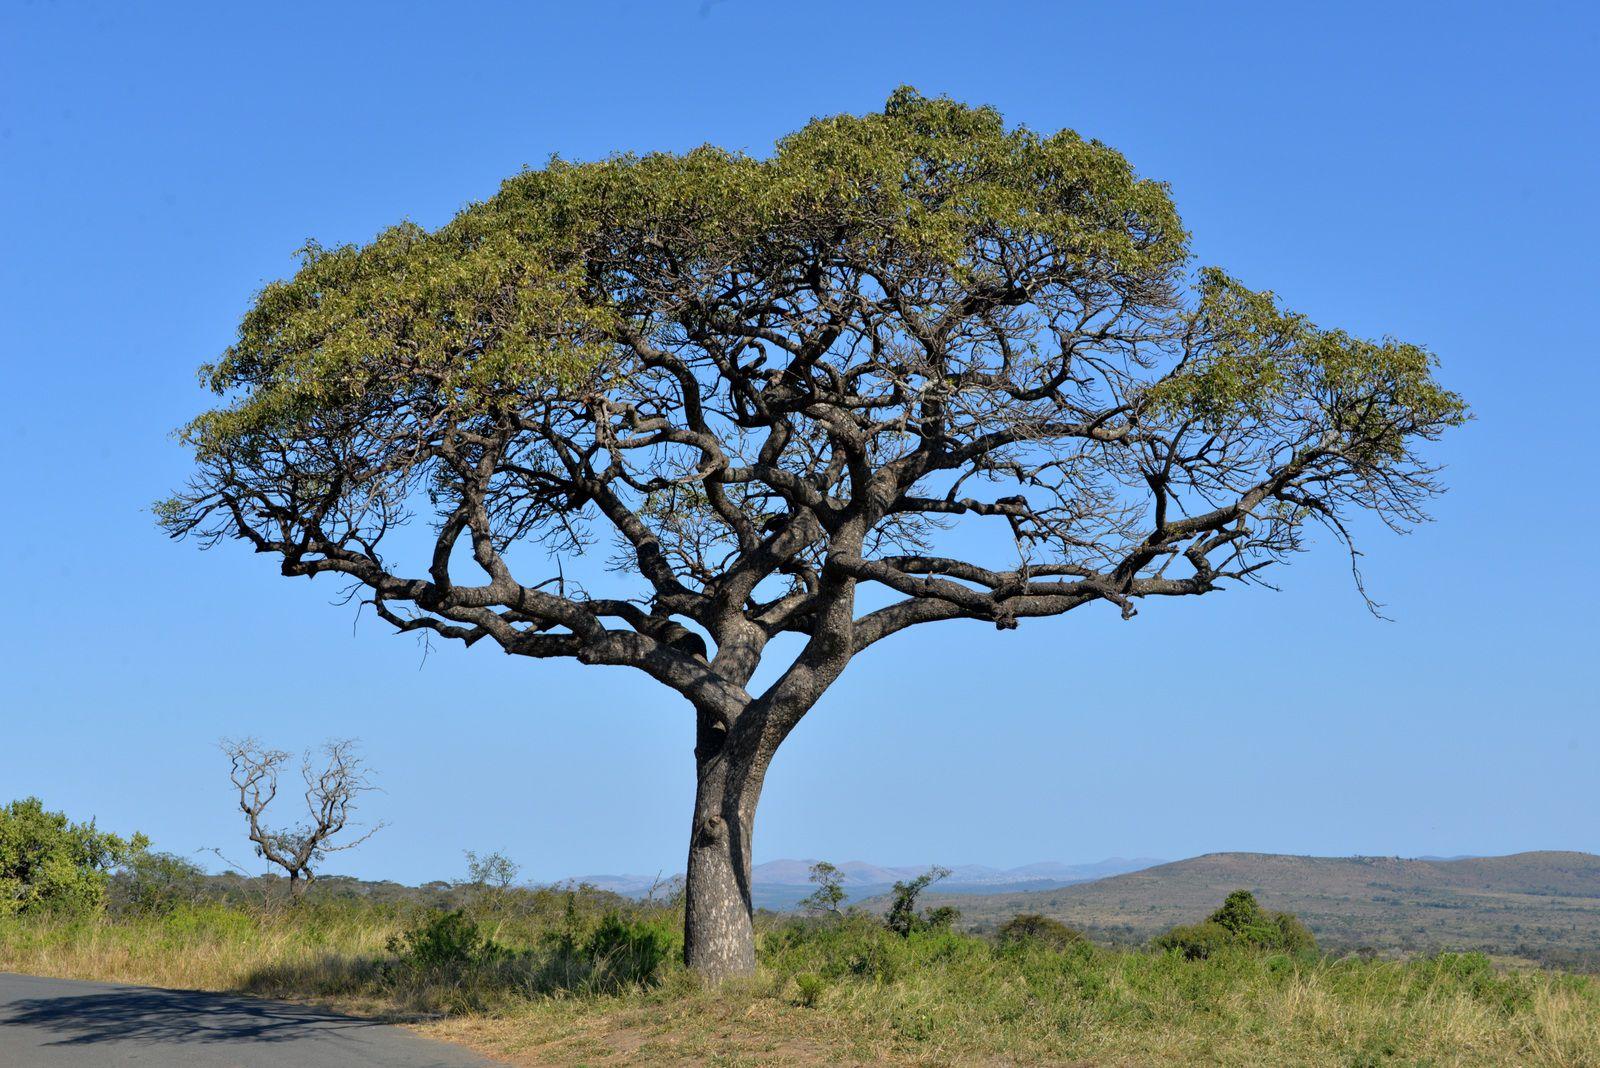 Afrique du Sud / 4 / Il est 08h32, nous sommes le 13 Novembre 2020